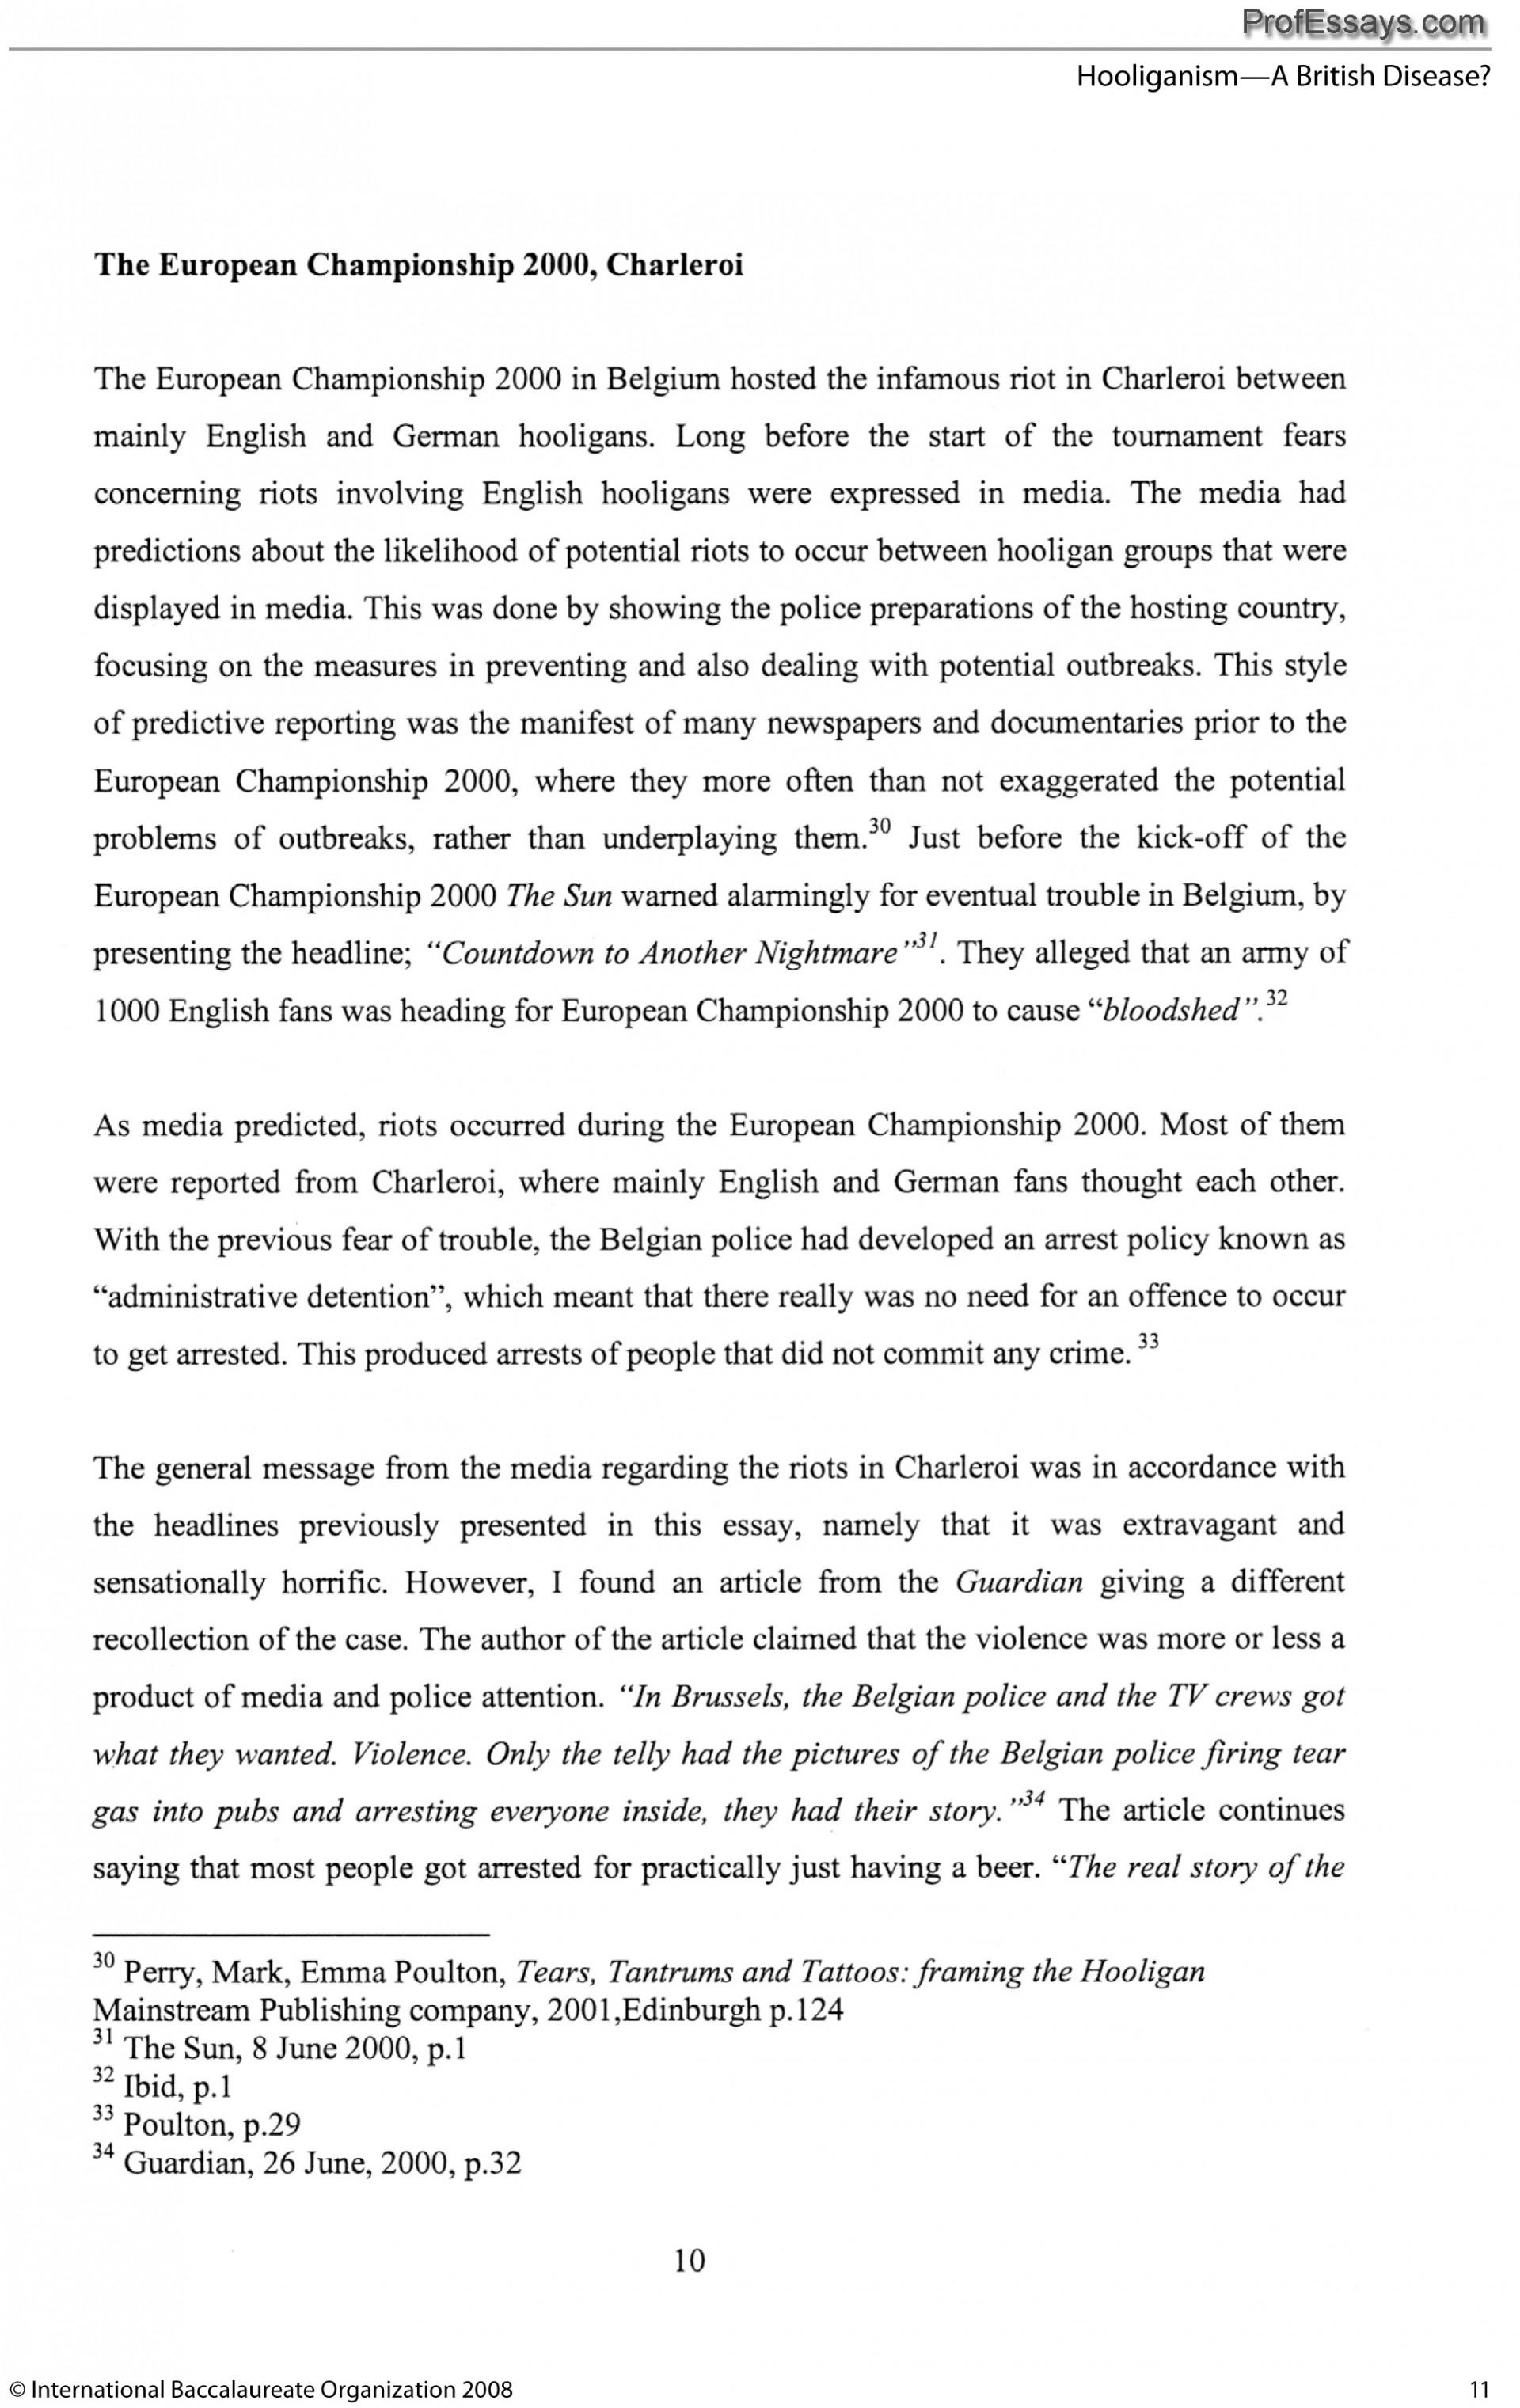 002 Free Professional Essays Ib Extended Essay Sample Impressive 1920